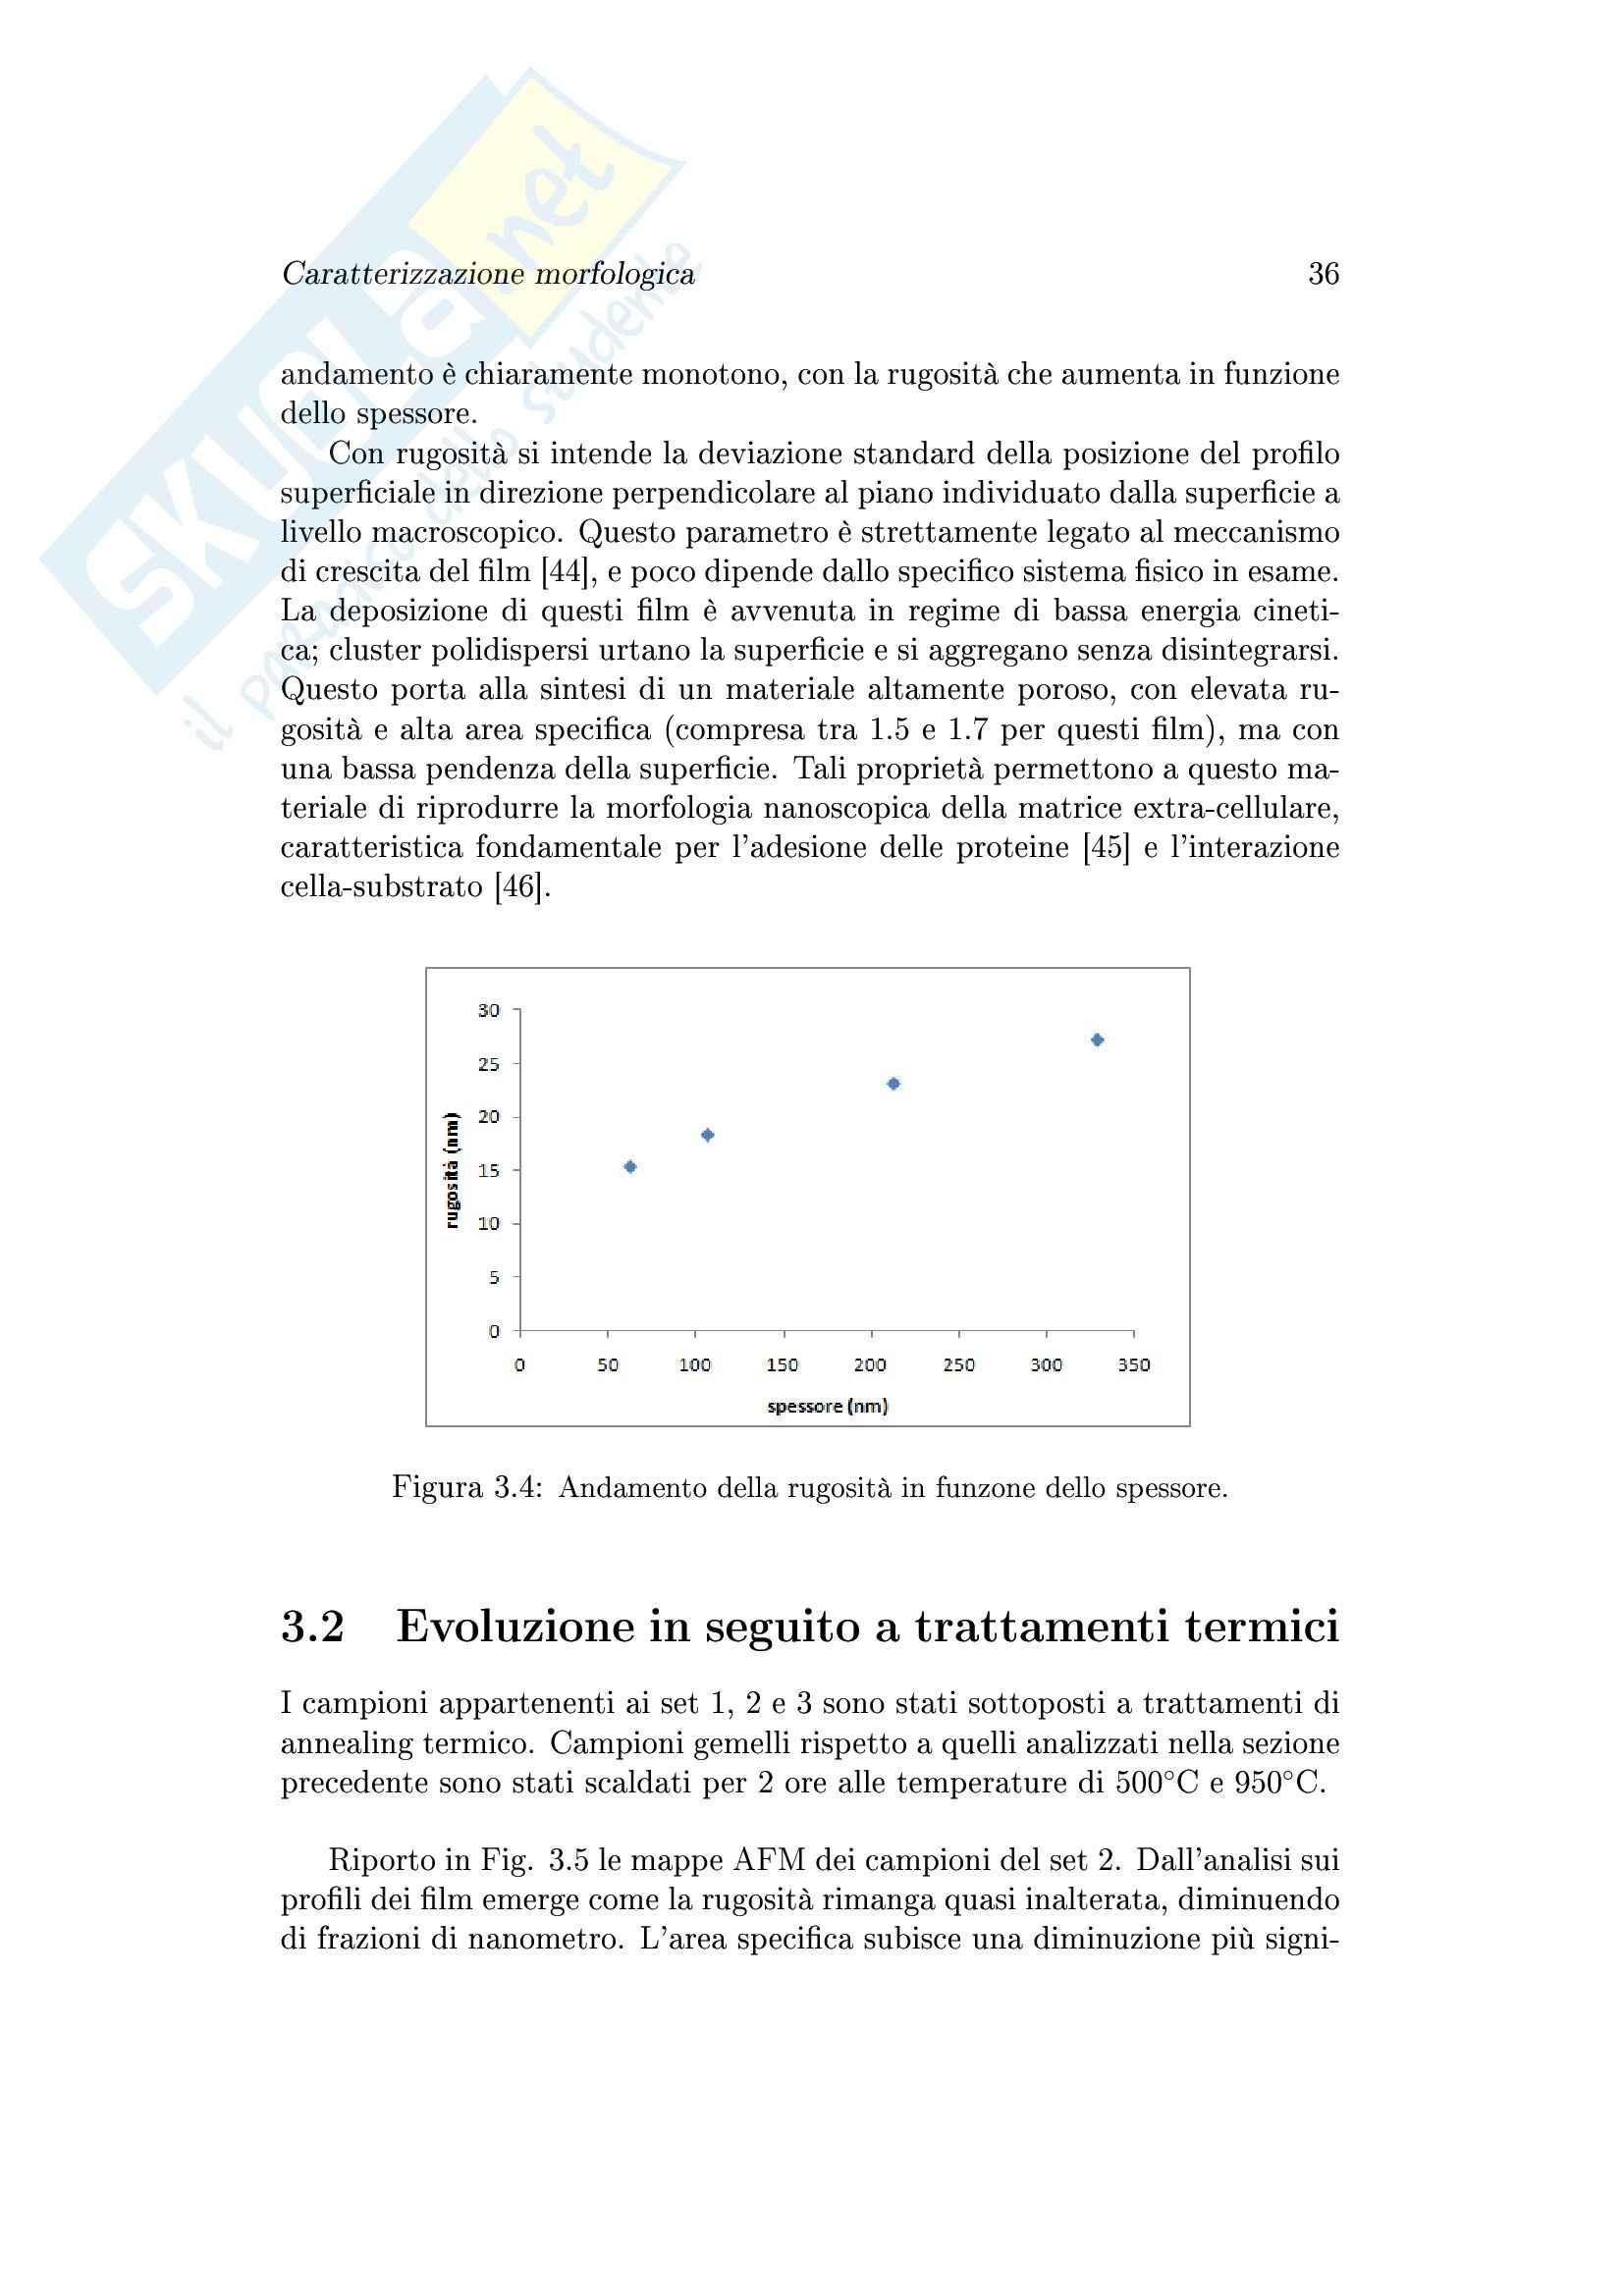 Tesi - Sintesi e caratterizzazione di film nanostrutturati di zirconia cubica prodotti mediante deposizione di cluster in fascio supersonico Pag. 36